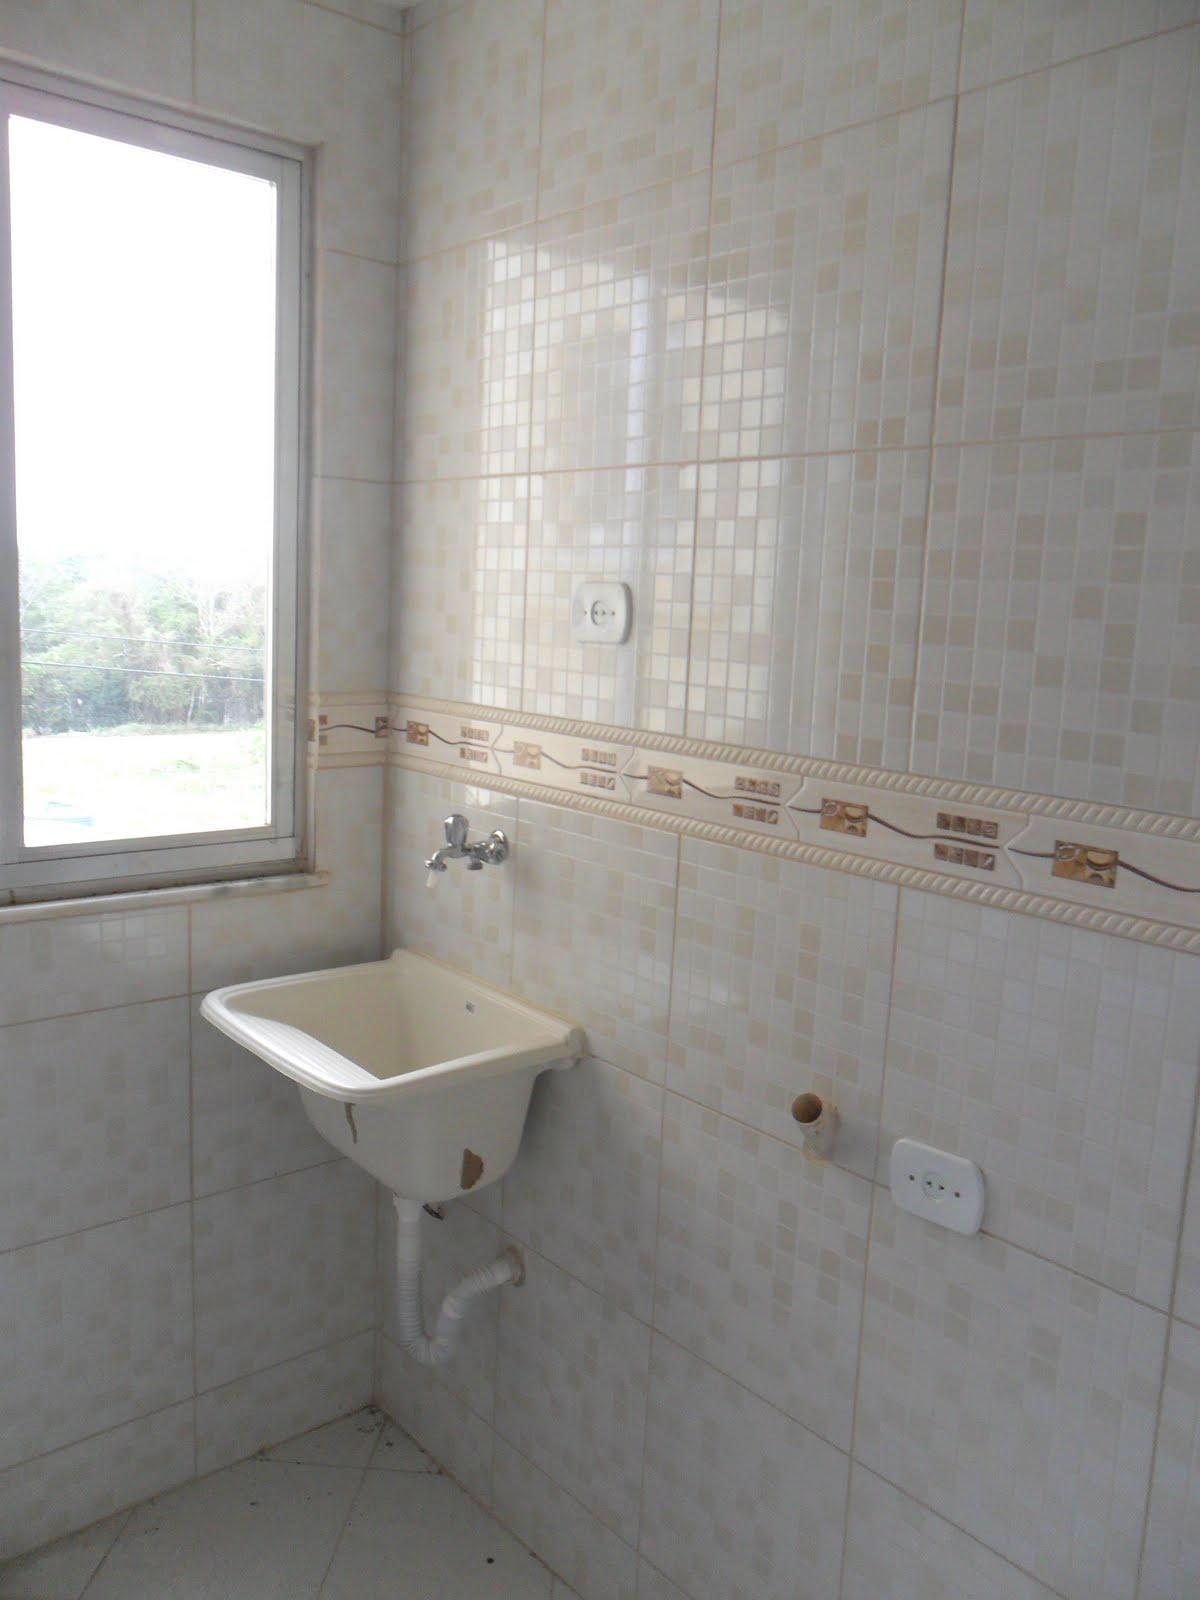 banheiro com box BLINDEX sacada acabamento personalizado lindo mesmo #576B74 1200x1600 Banheiro Acabamento